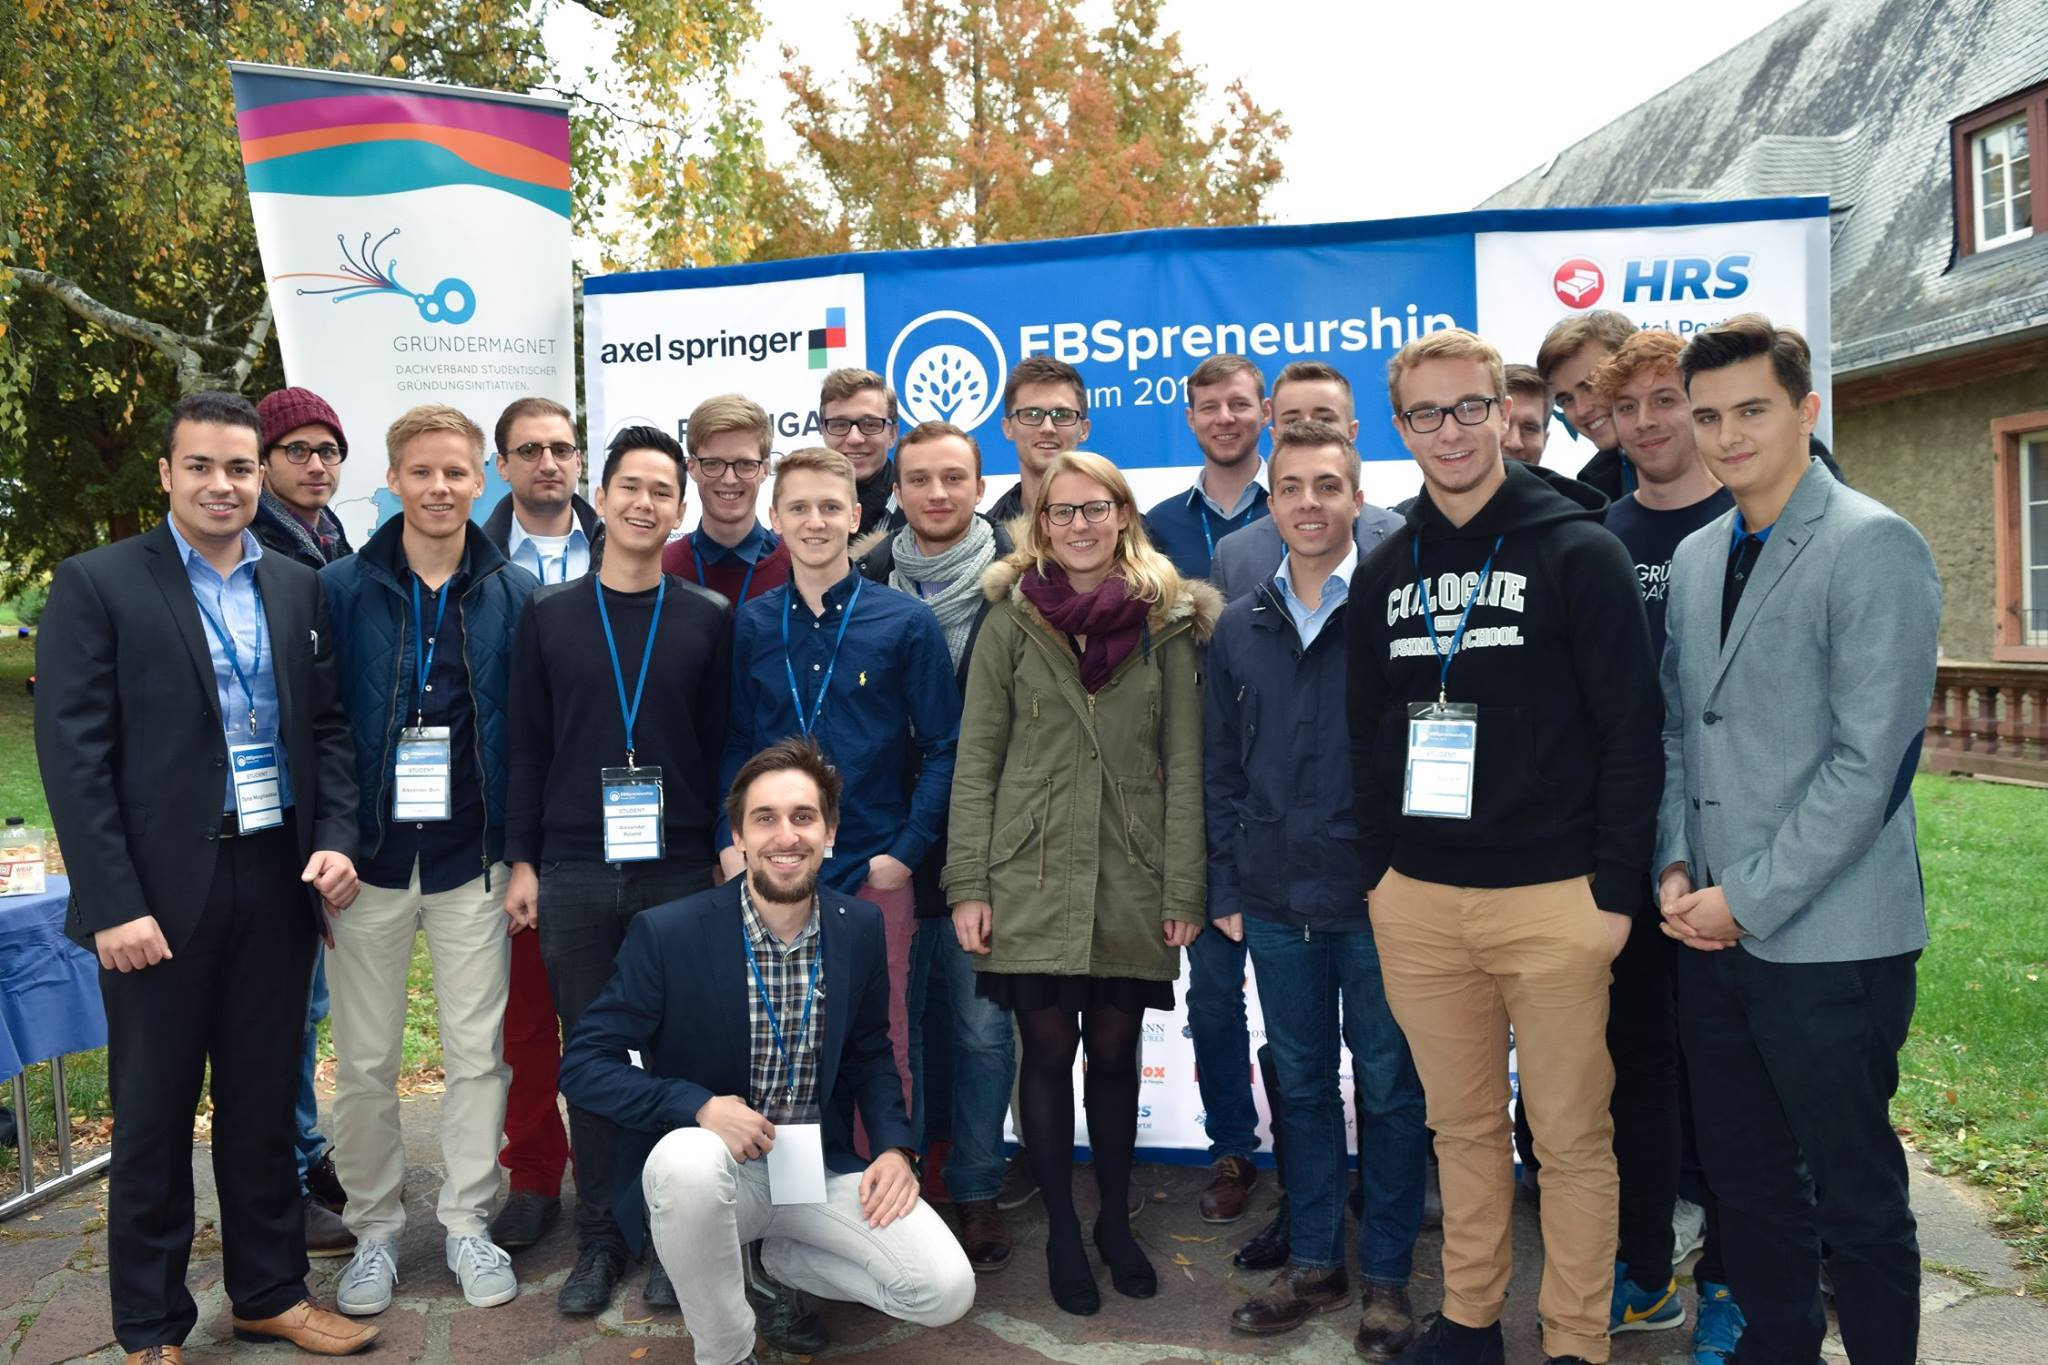 GründerGarten: Vertreter des Gründermagnets beim EBSpreneurship Forum 2015